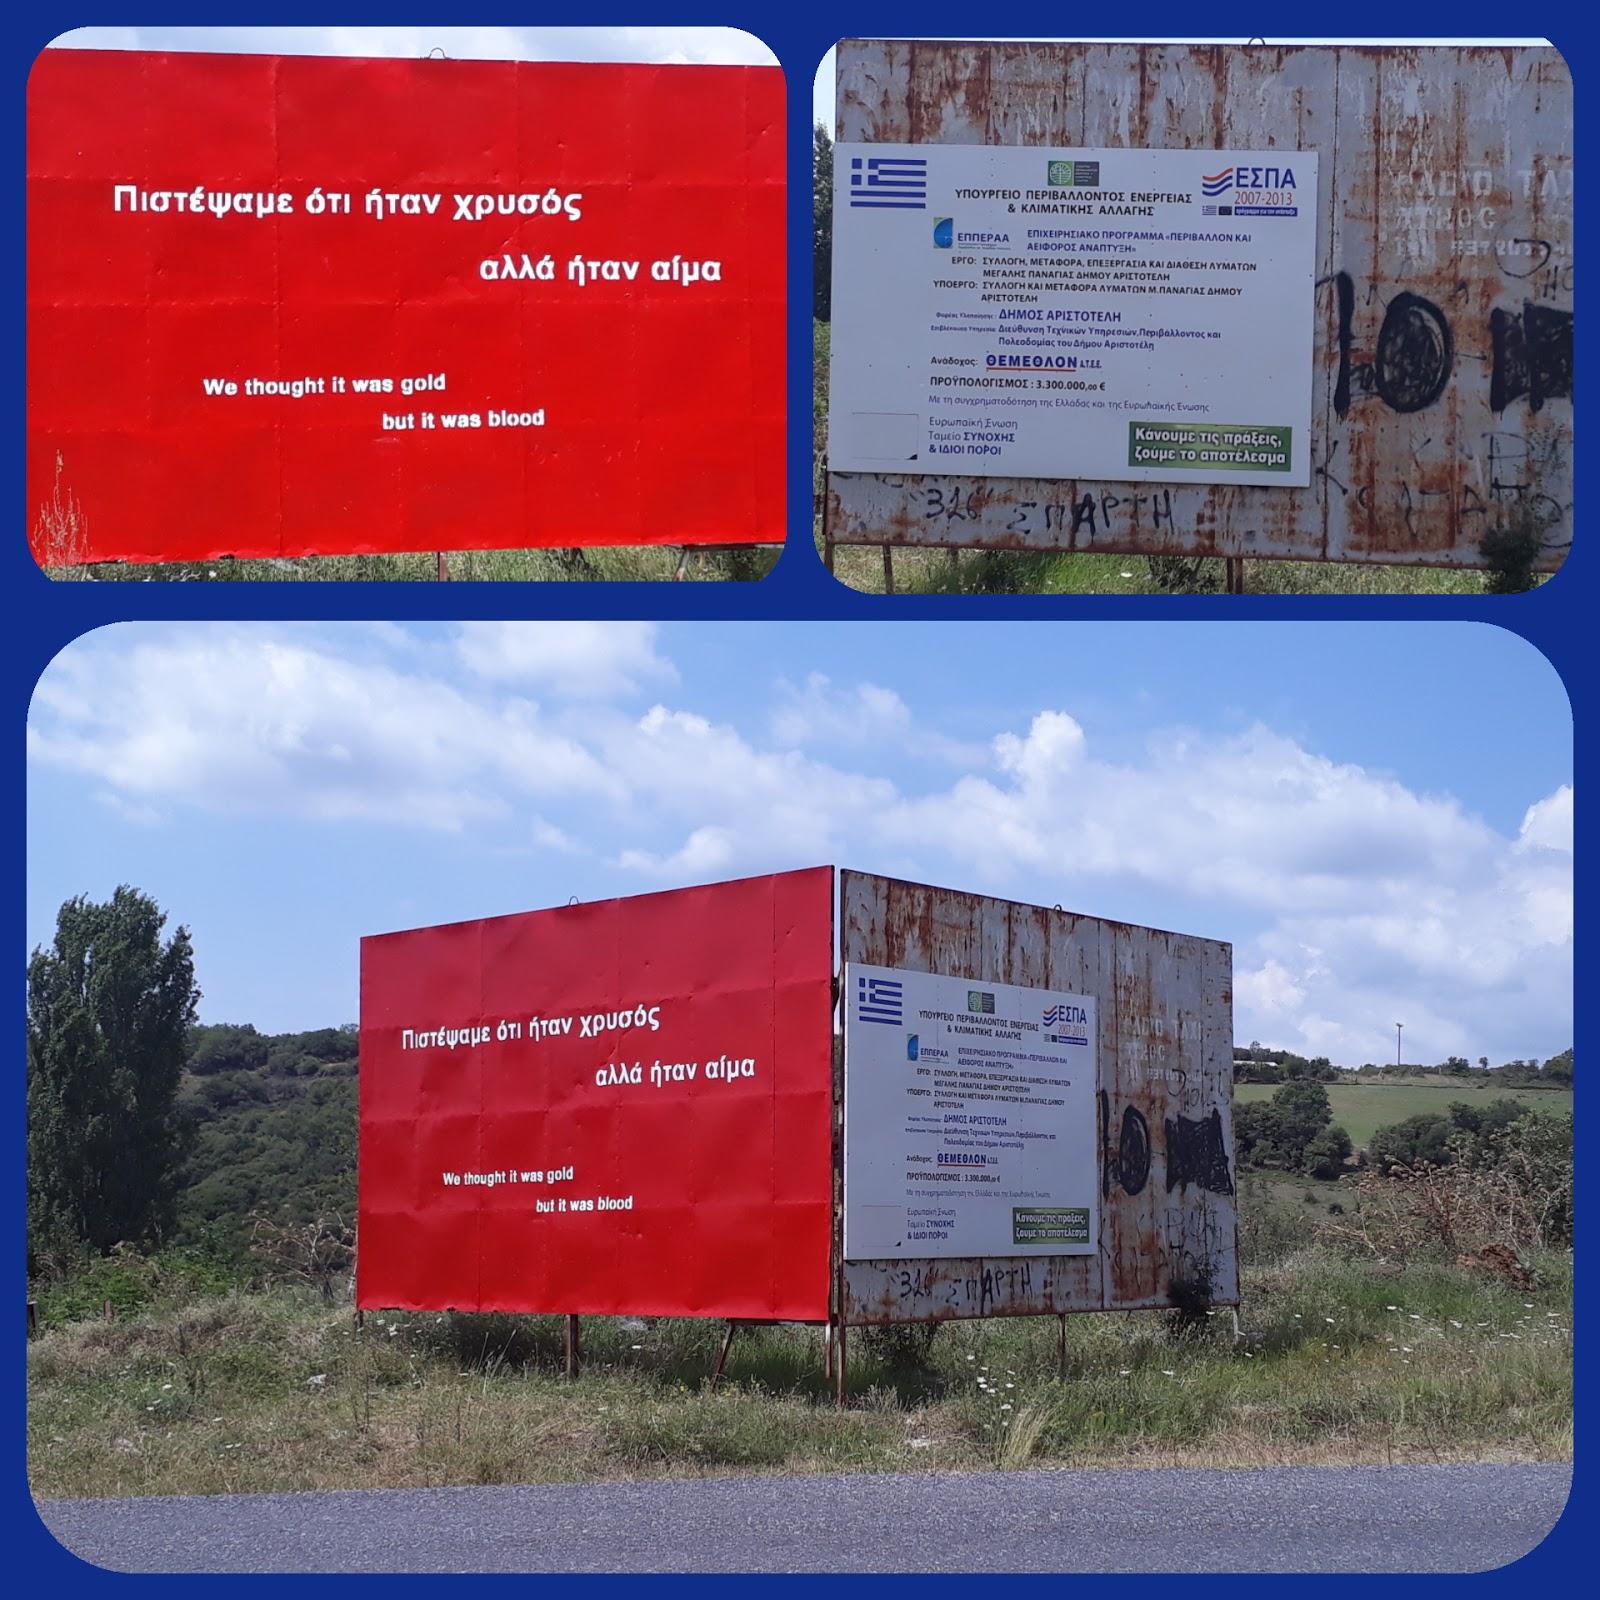 ΕΠΕΝΔΥΣΗ ΧΡΥΣΟΥ ΣΤΟΝ ΔΗΜΟ ΑΡΙΣΤΟΤΕΛΗ : Μήπως η απερχόμενη  δημοτική αρχή του κ. Ζουμπά παρέχει υποδομές του Δήμου στους antigold ; ; ;